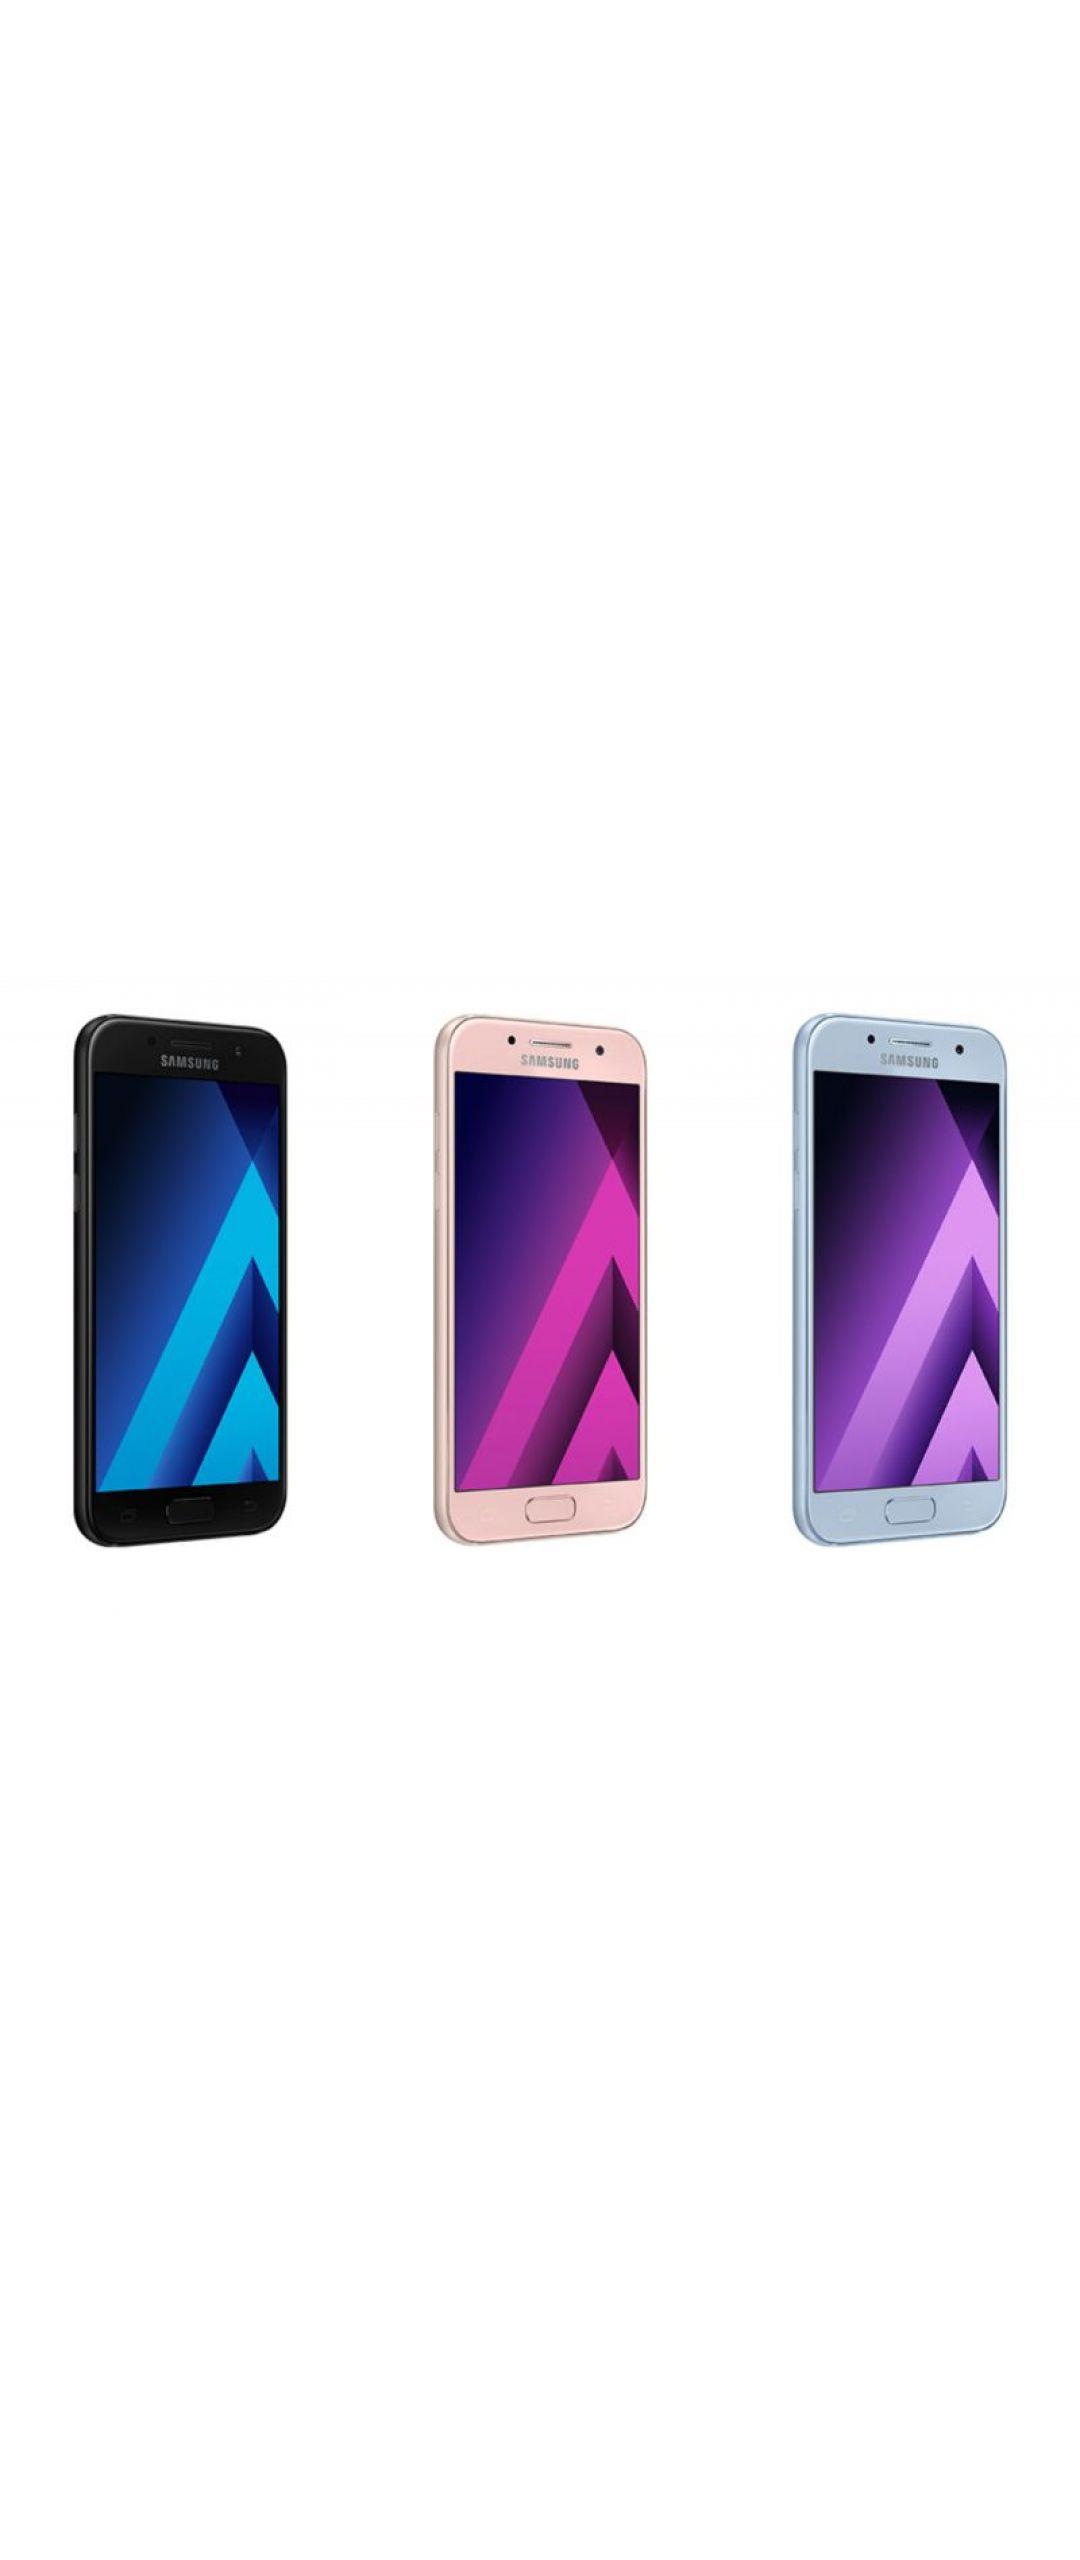 Samsung anuncia los Galaxy A3, A5 y A7 2017